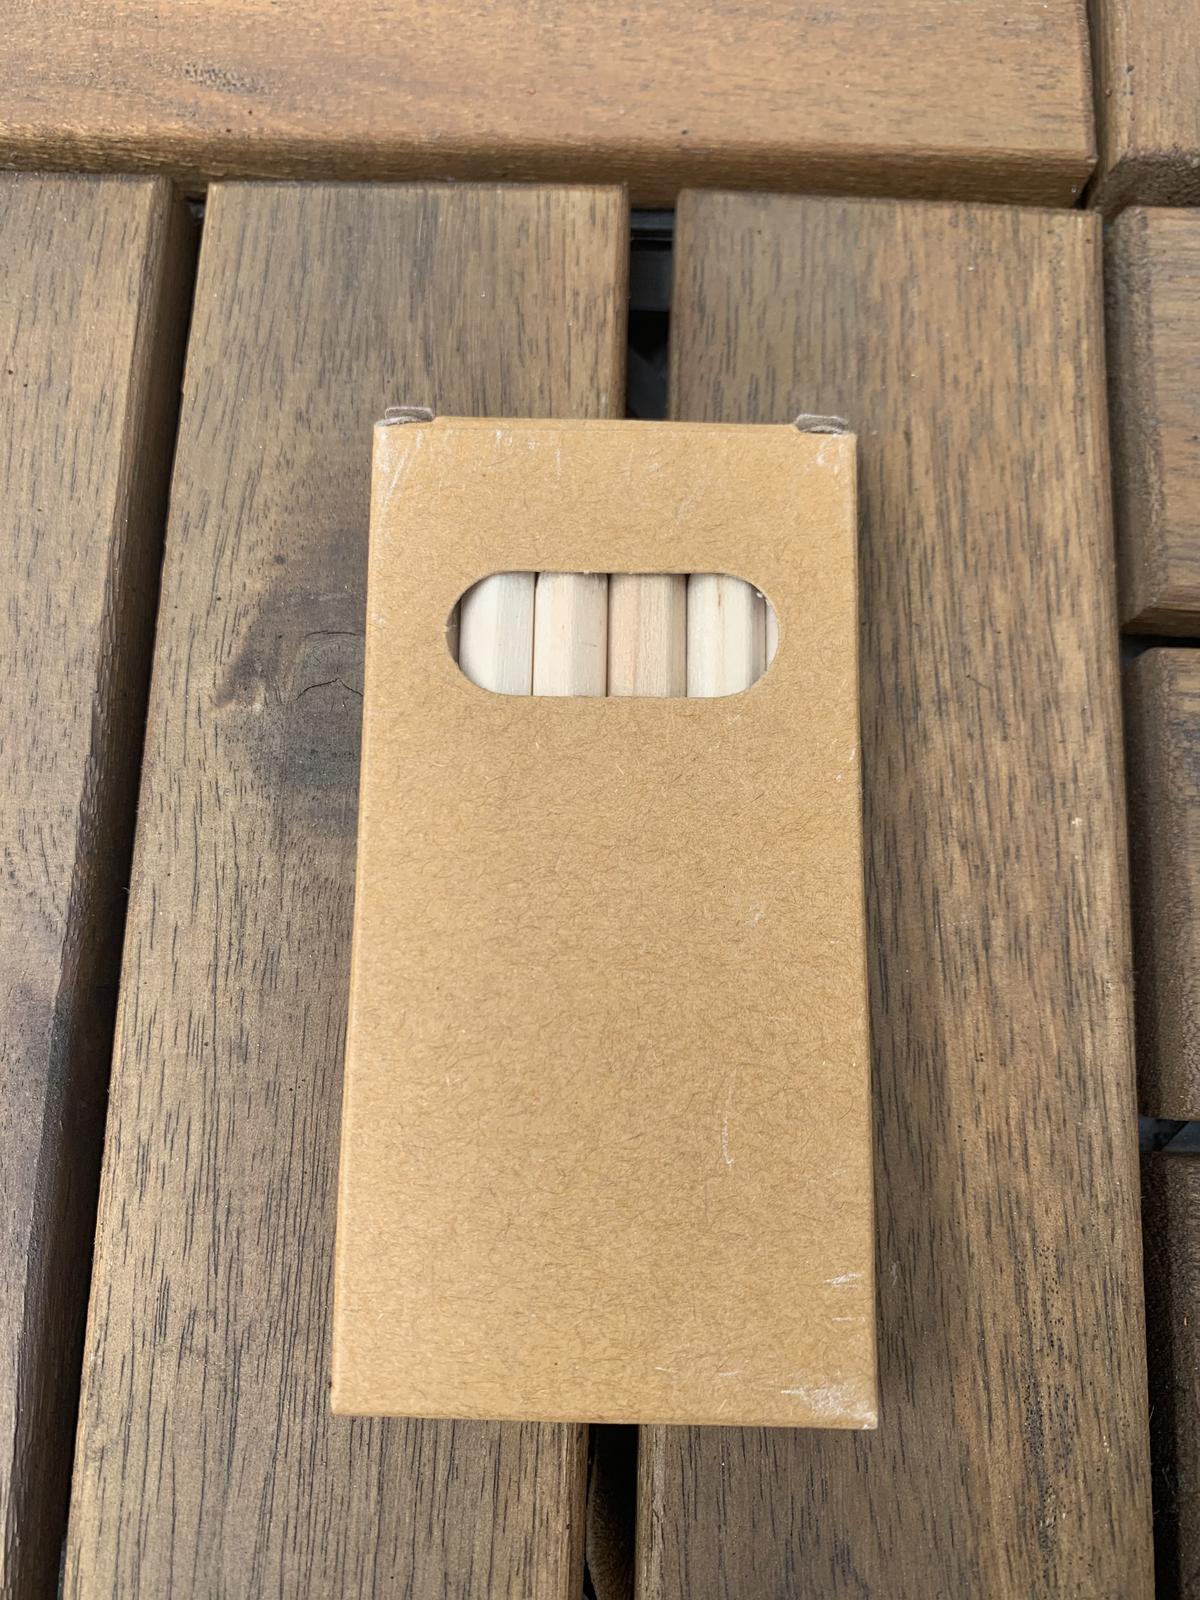 Drevené ceruzky pre deti. - Obrázok č. 1